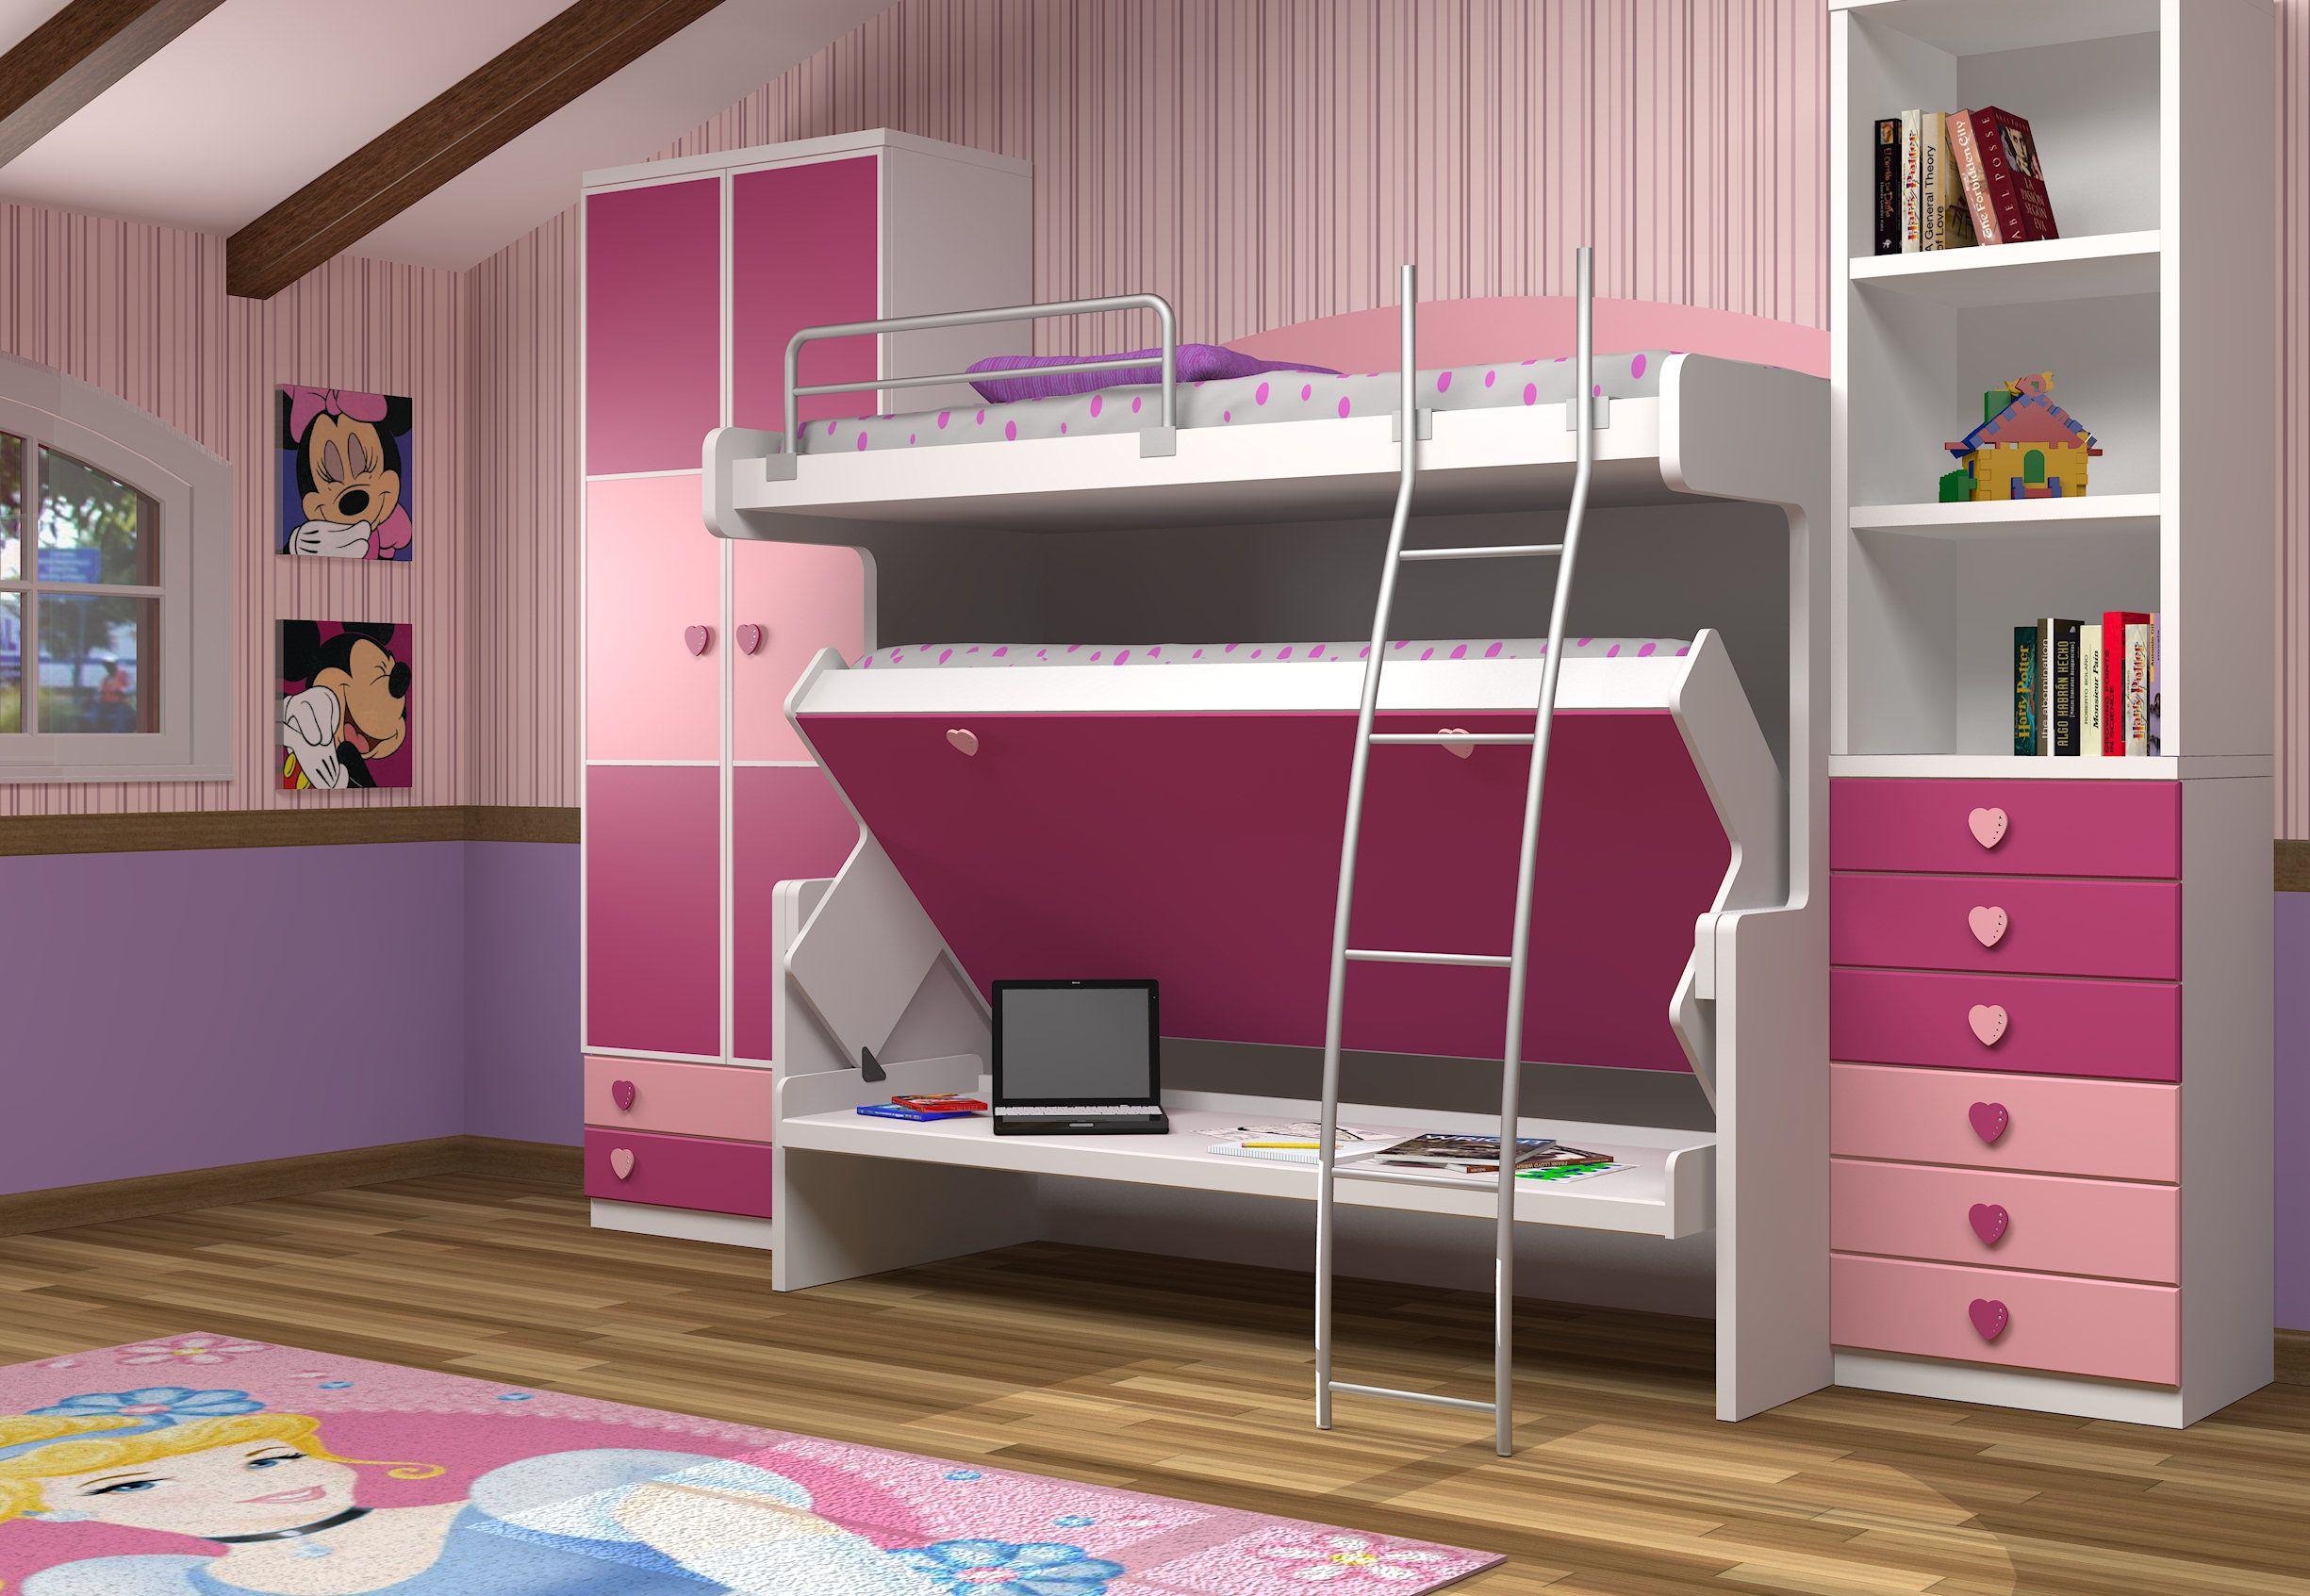 Best Hiddenbed S Double Decker Desk Bed Bedroom Design Ikea Bed 640 x 480